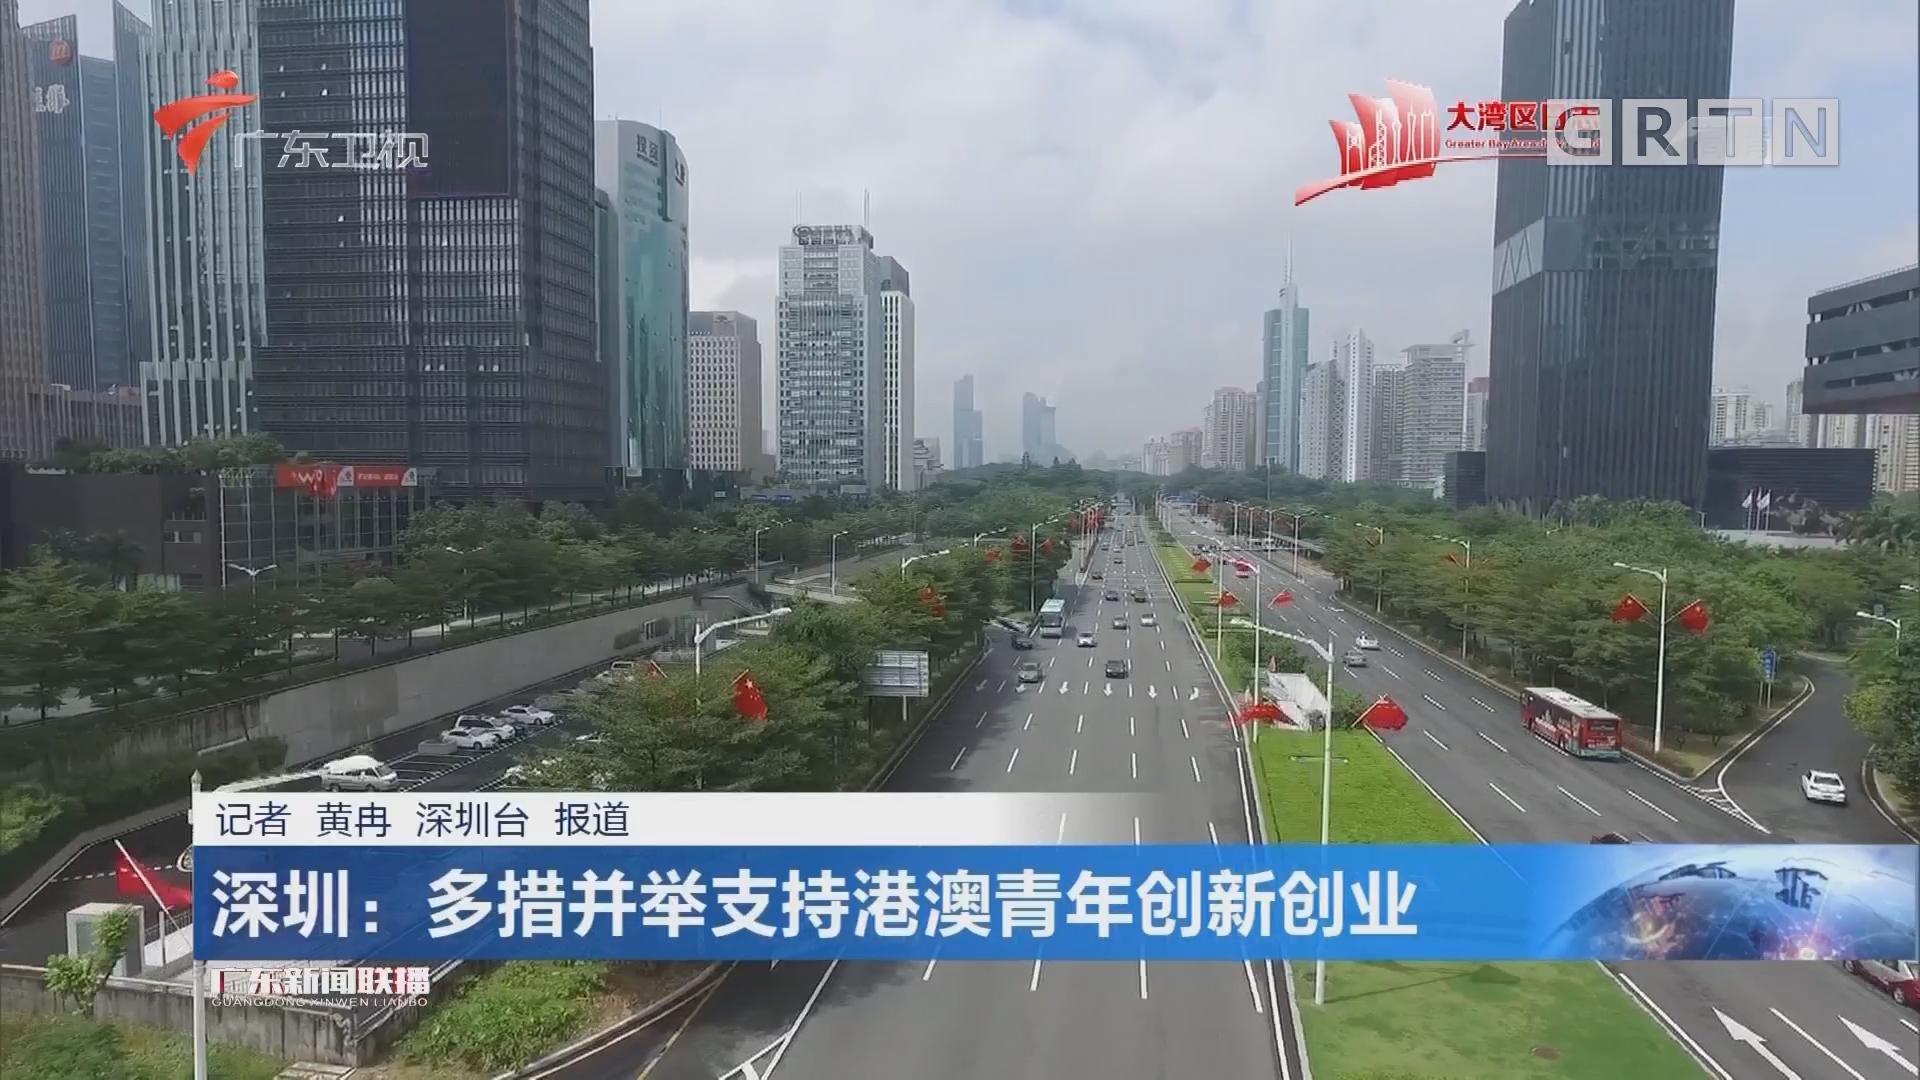 深圳:多措并举支持港澳青年创新创业